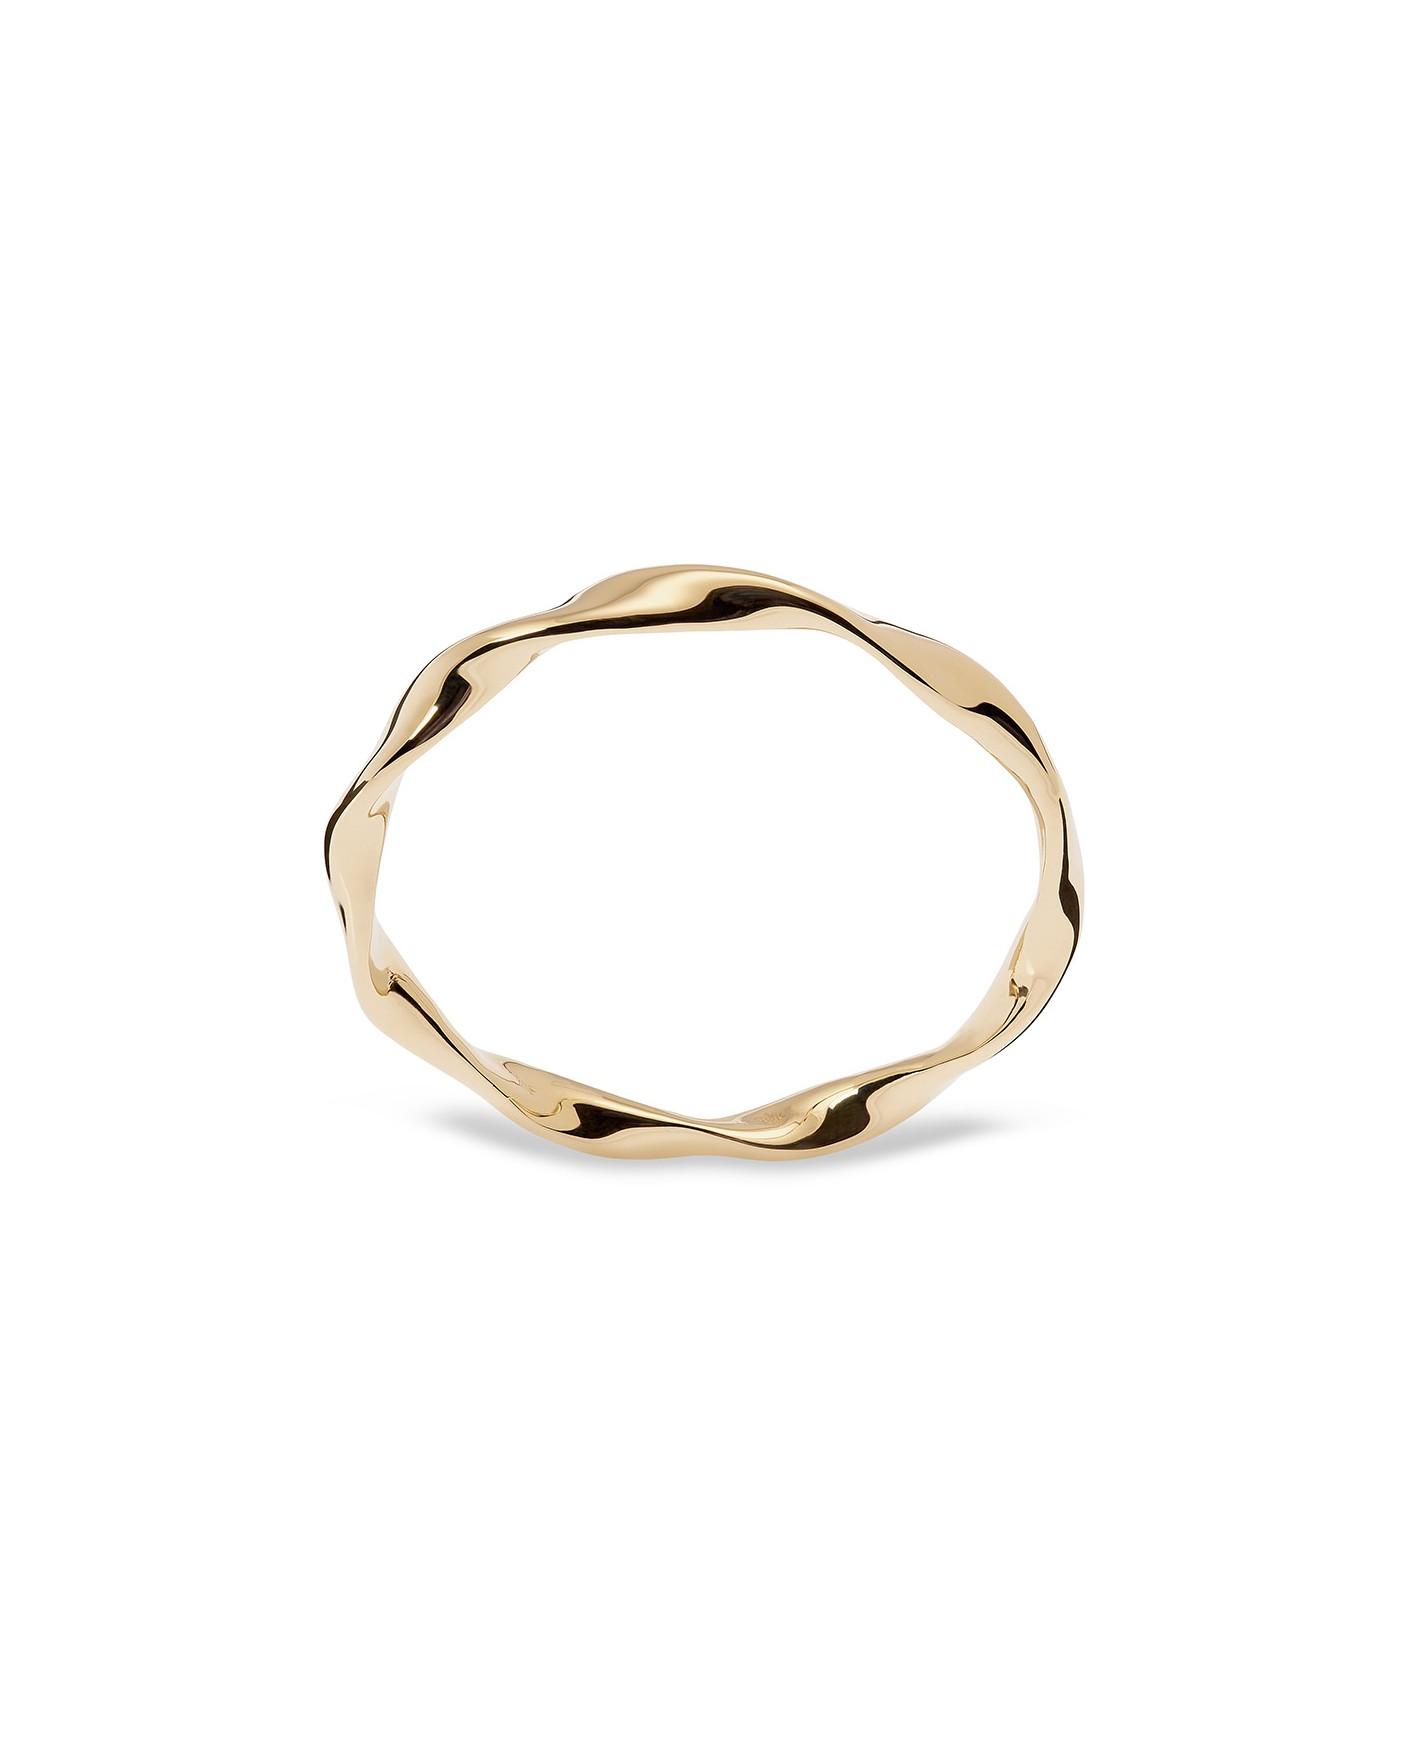 Twirl Złoty Pierścionek N°6